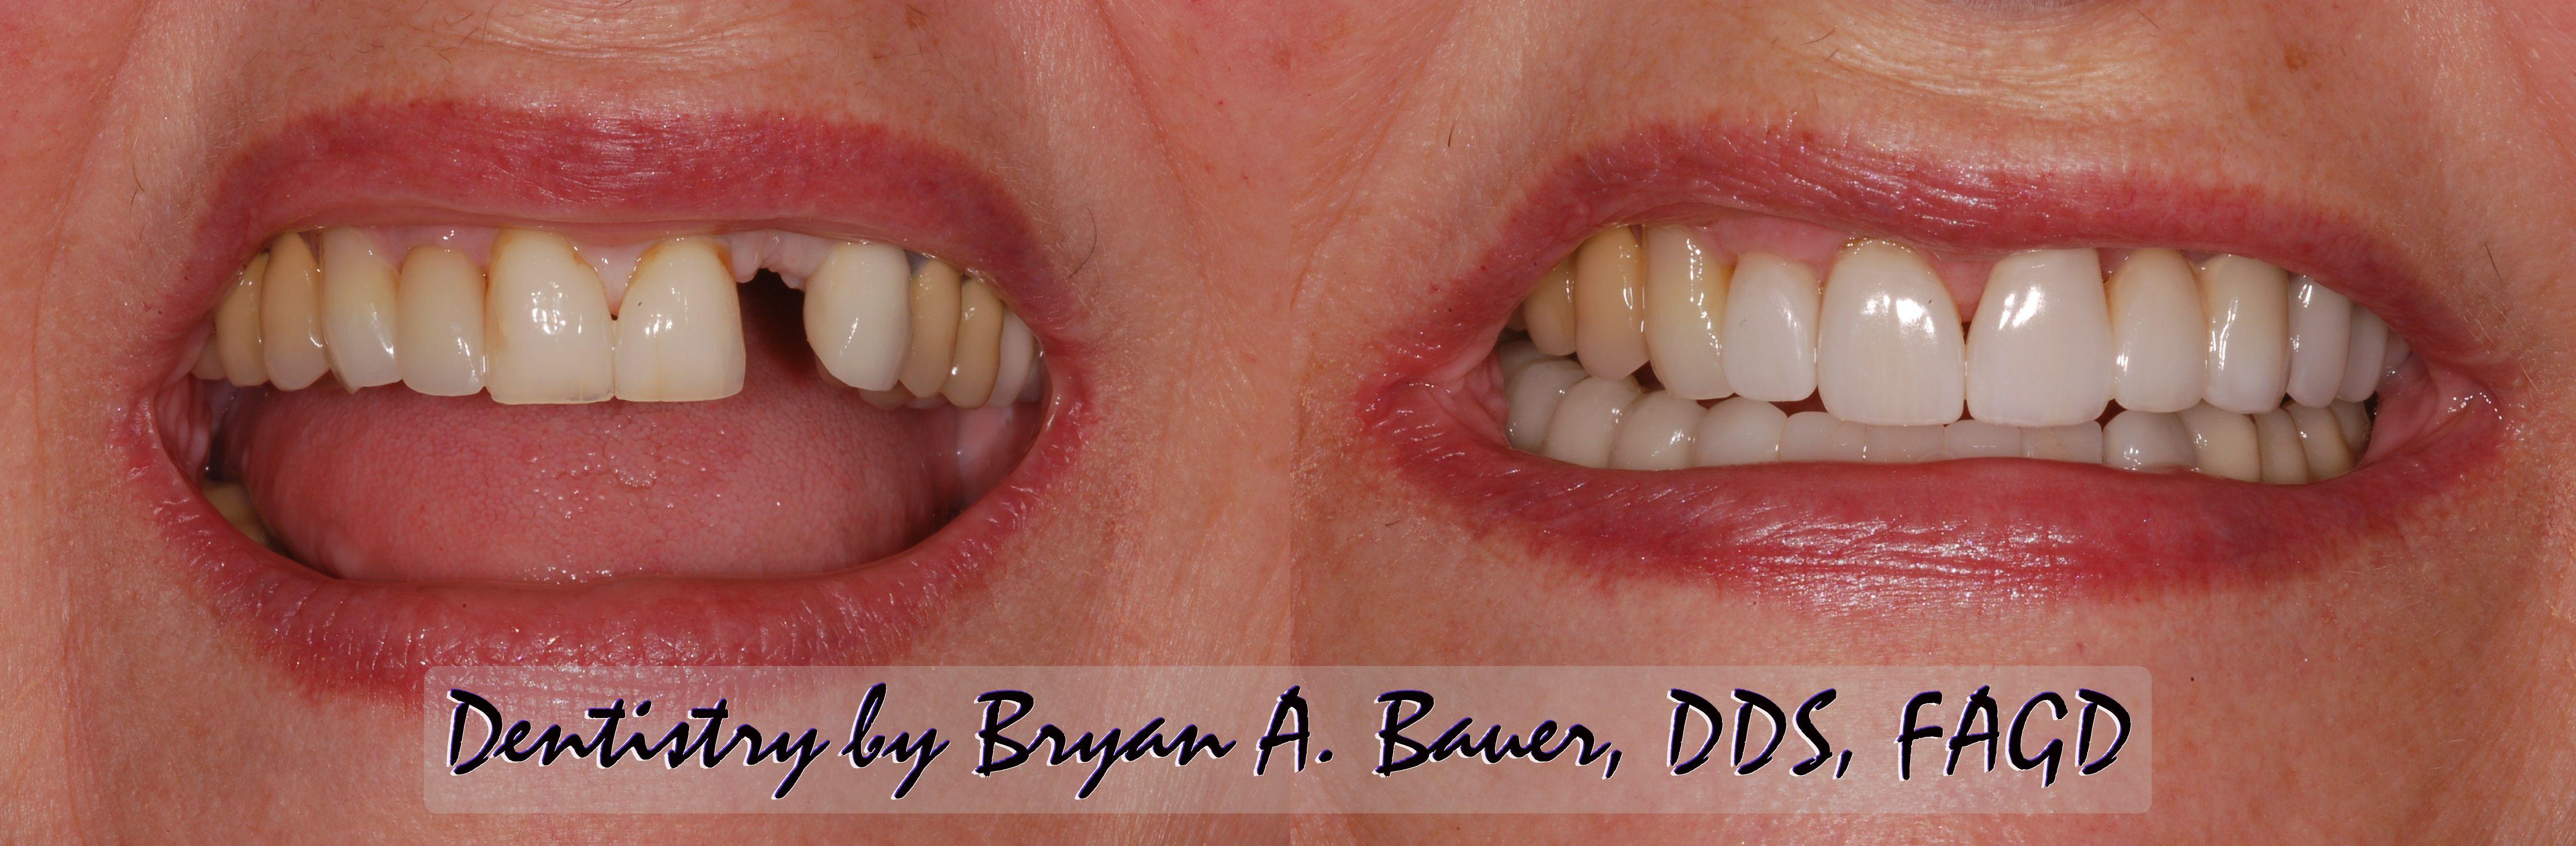 Dentist in Lincoln, Lincolnshire